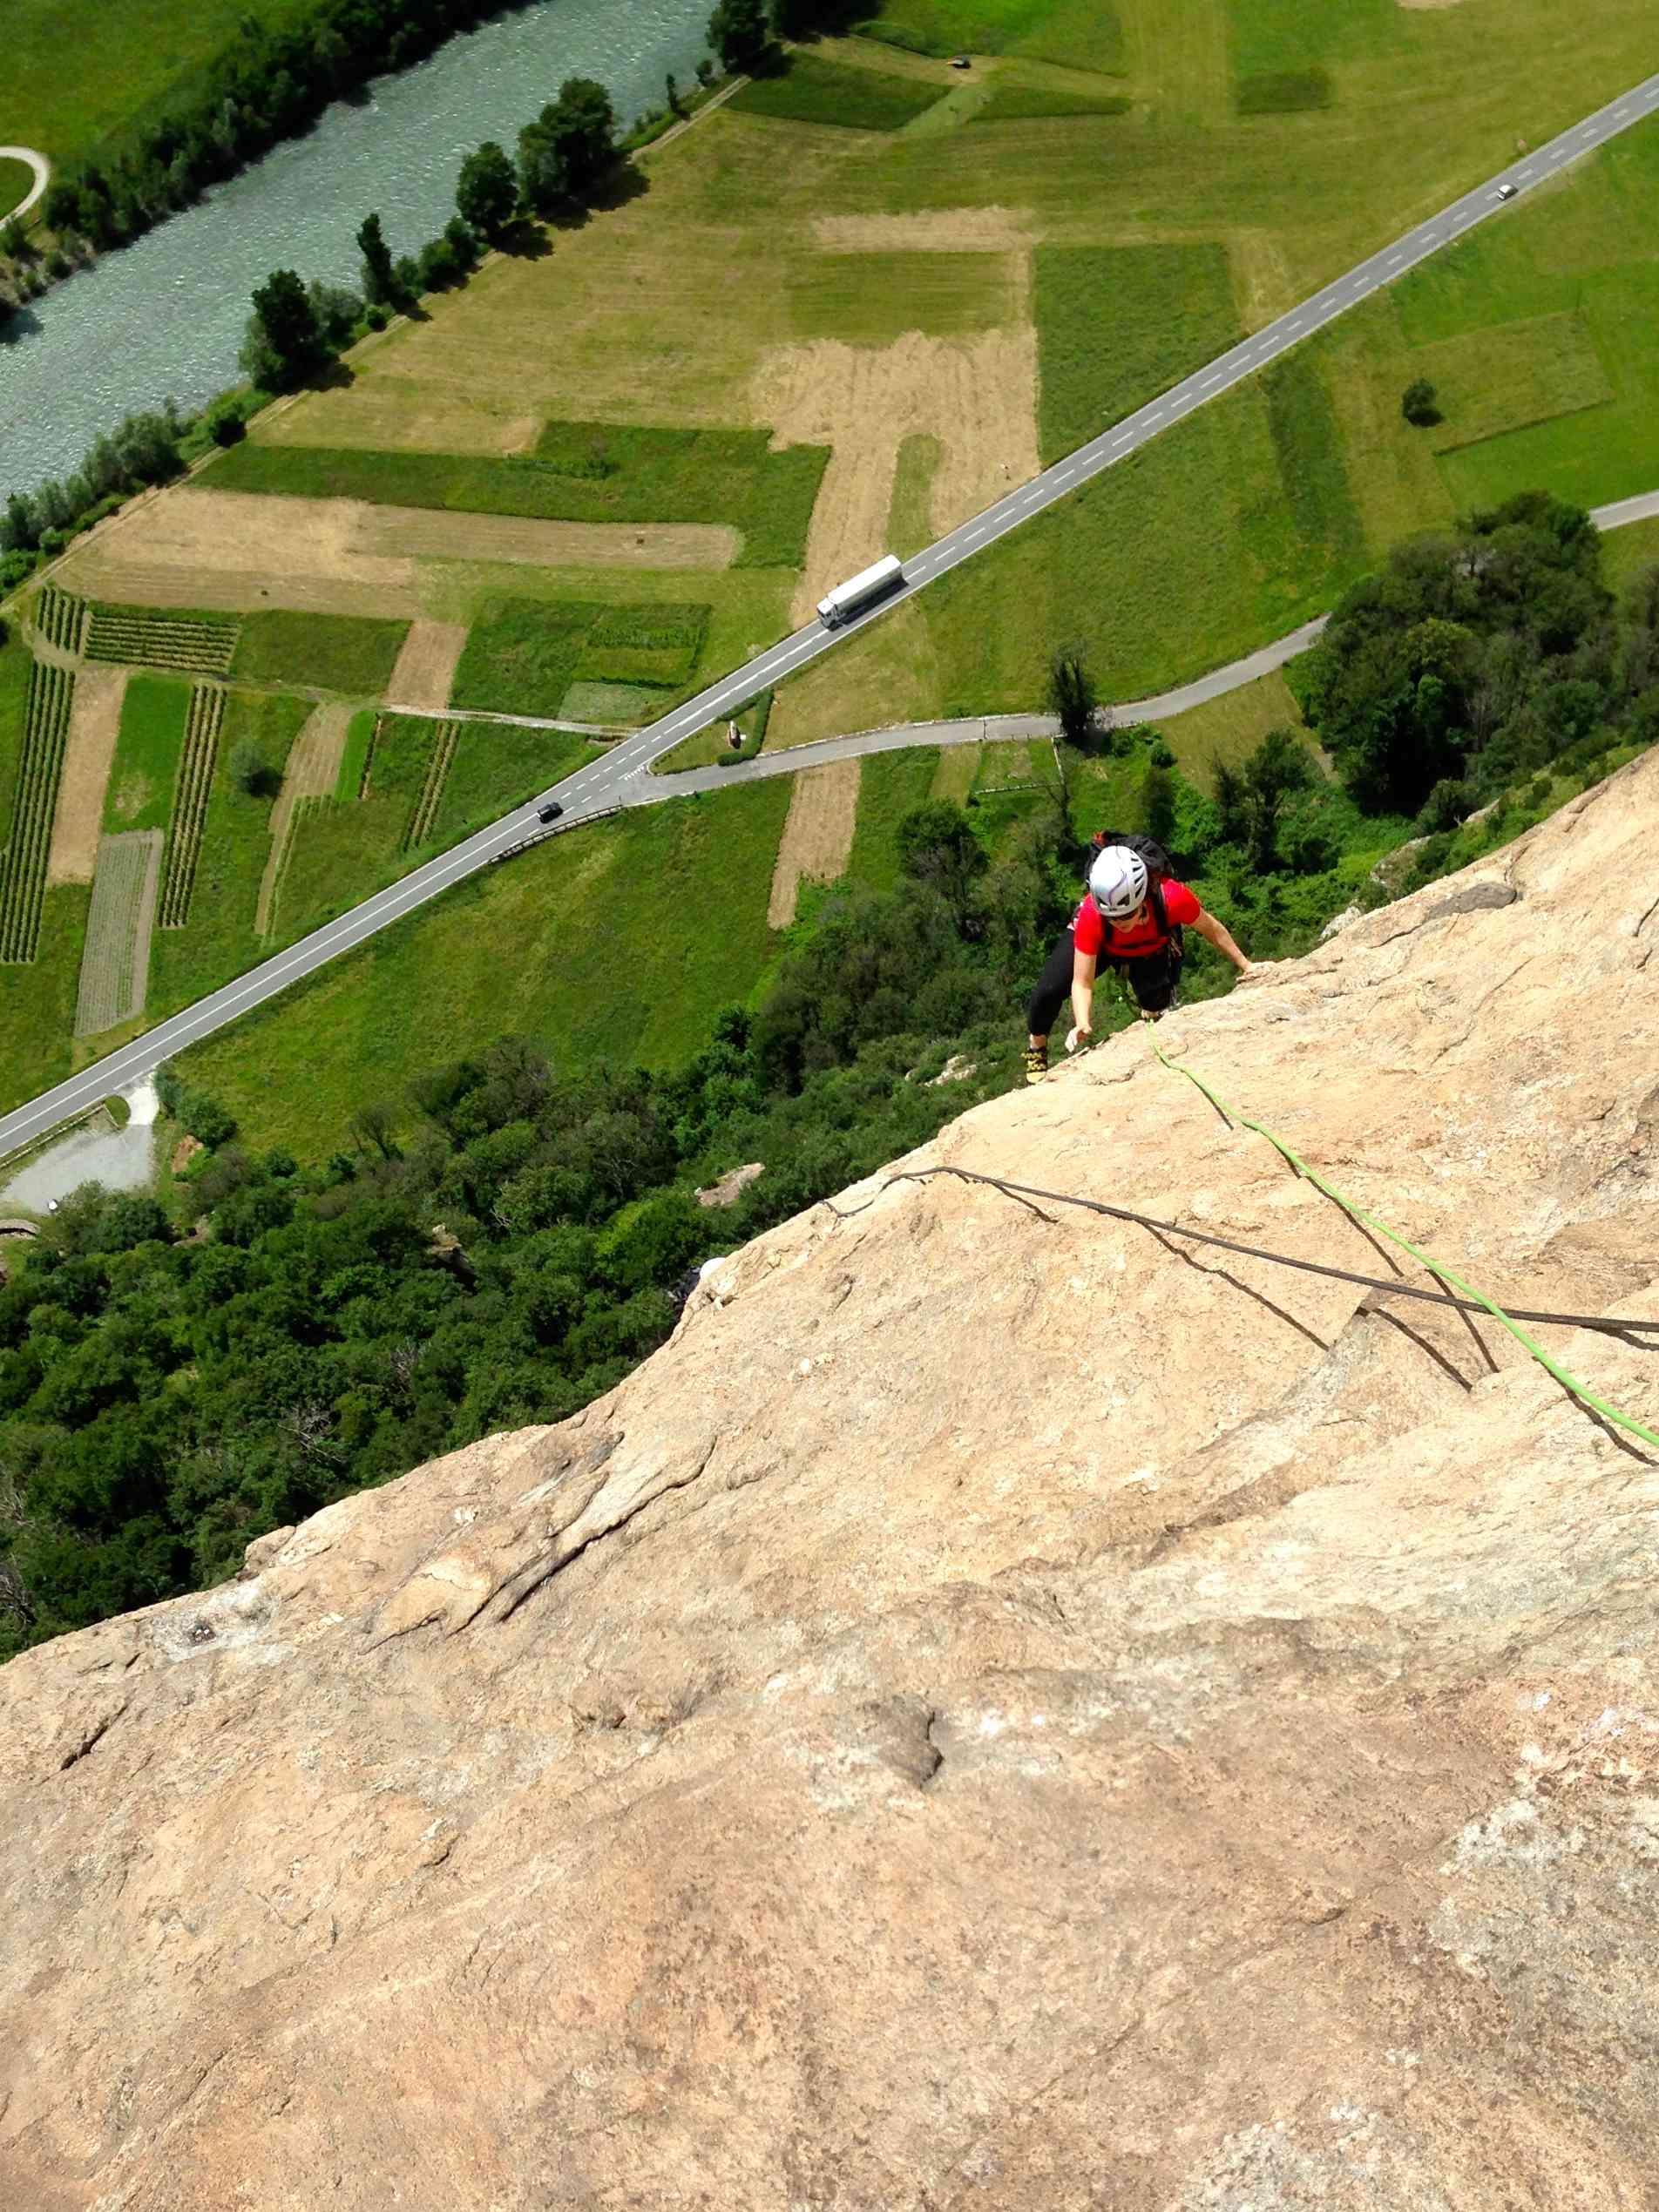 Rock Climbing Italy - Aosta Valley - Diretta Al Banano 4